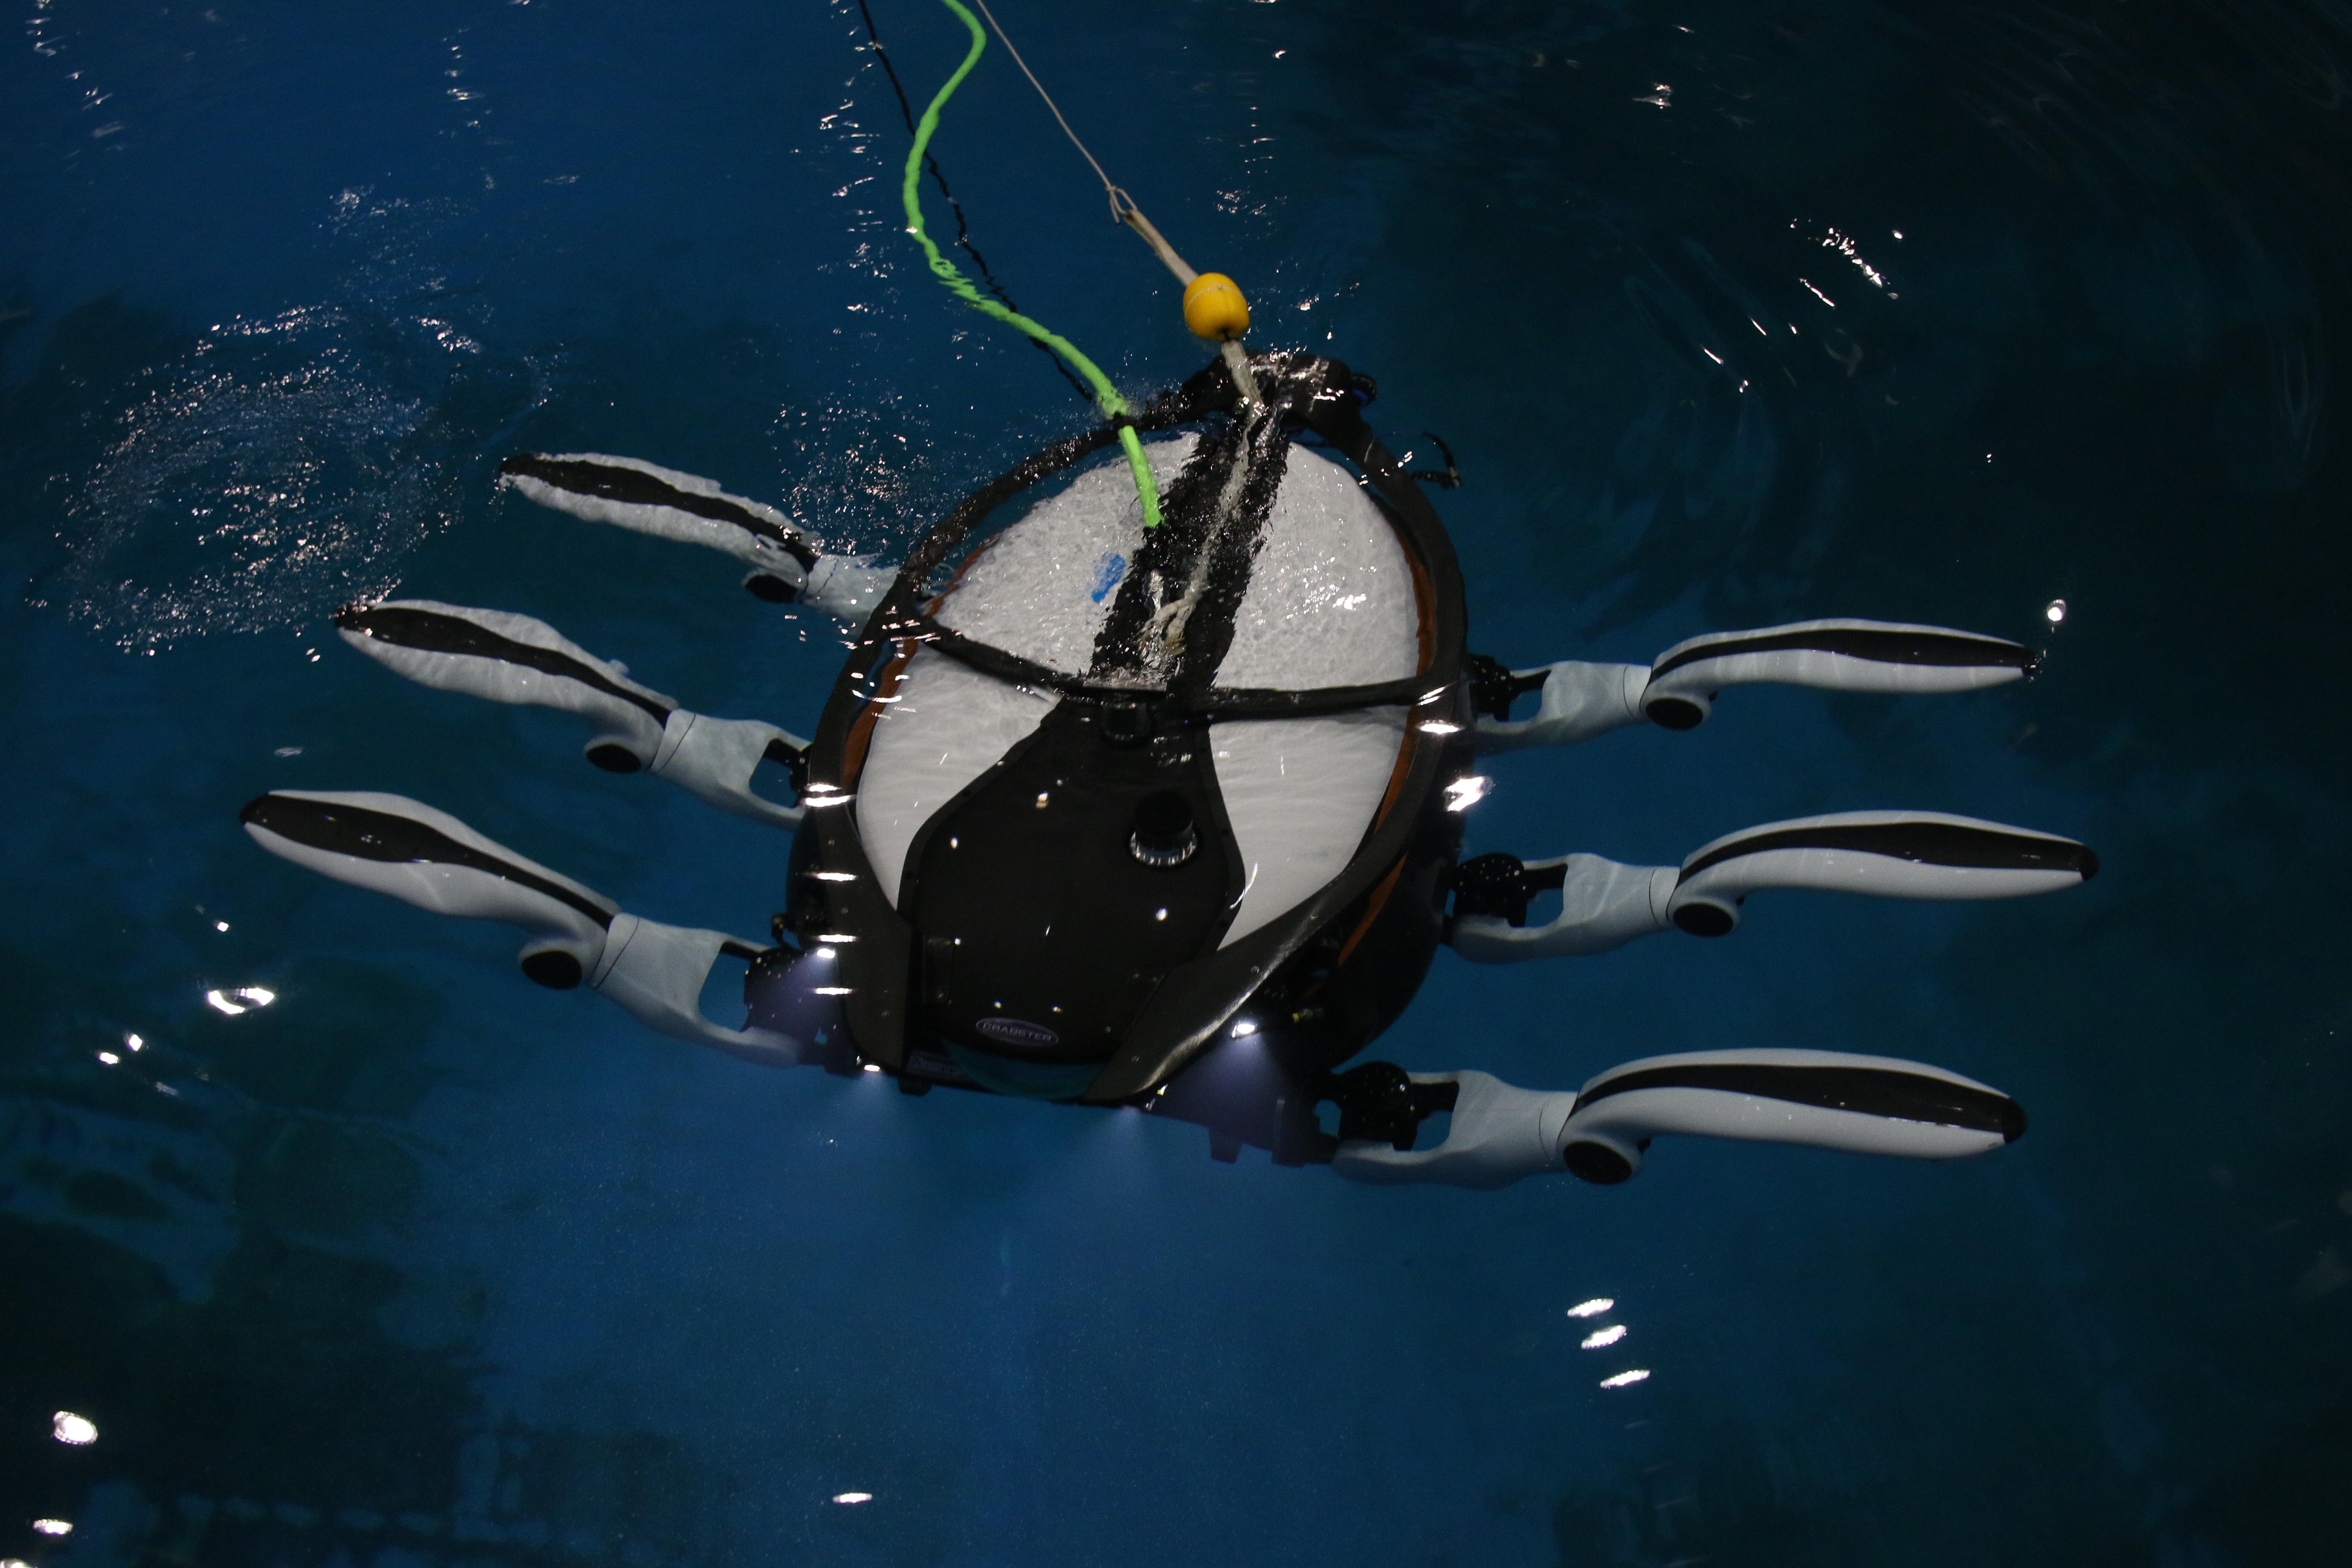 선박해양플랜트연구소가 개발한 심해 탐사용 로봇 '크랩스터6000'. - 변지민 기자 제공